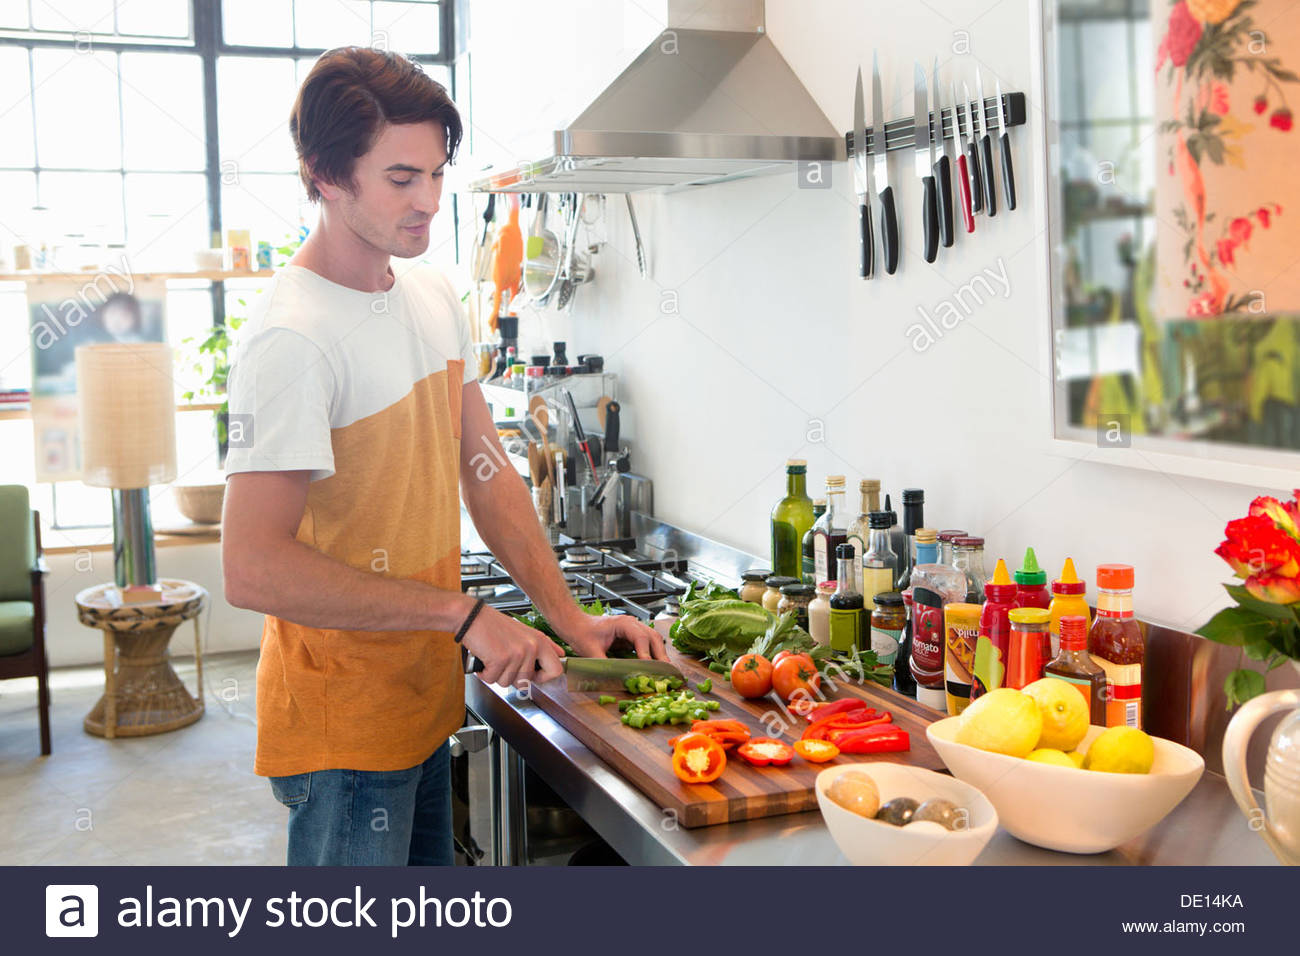 Mann Hacken Gemüse in der Küche Stockbild